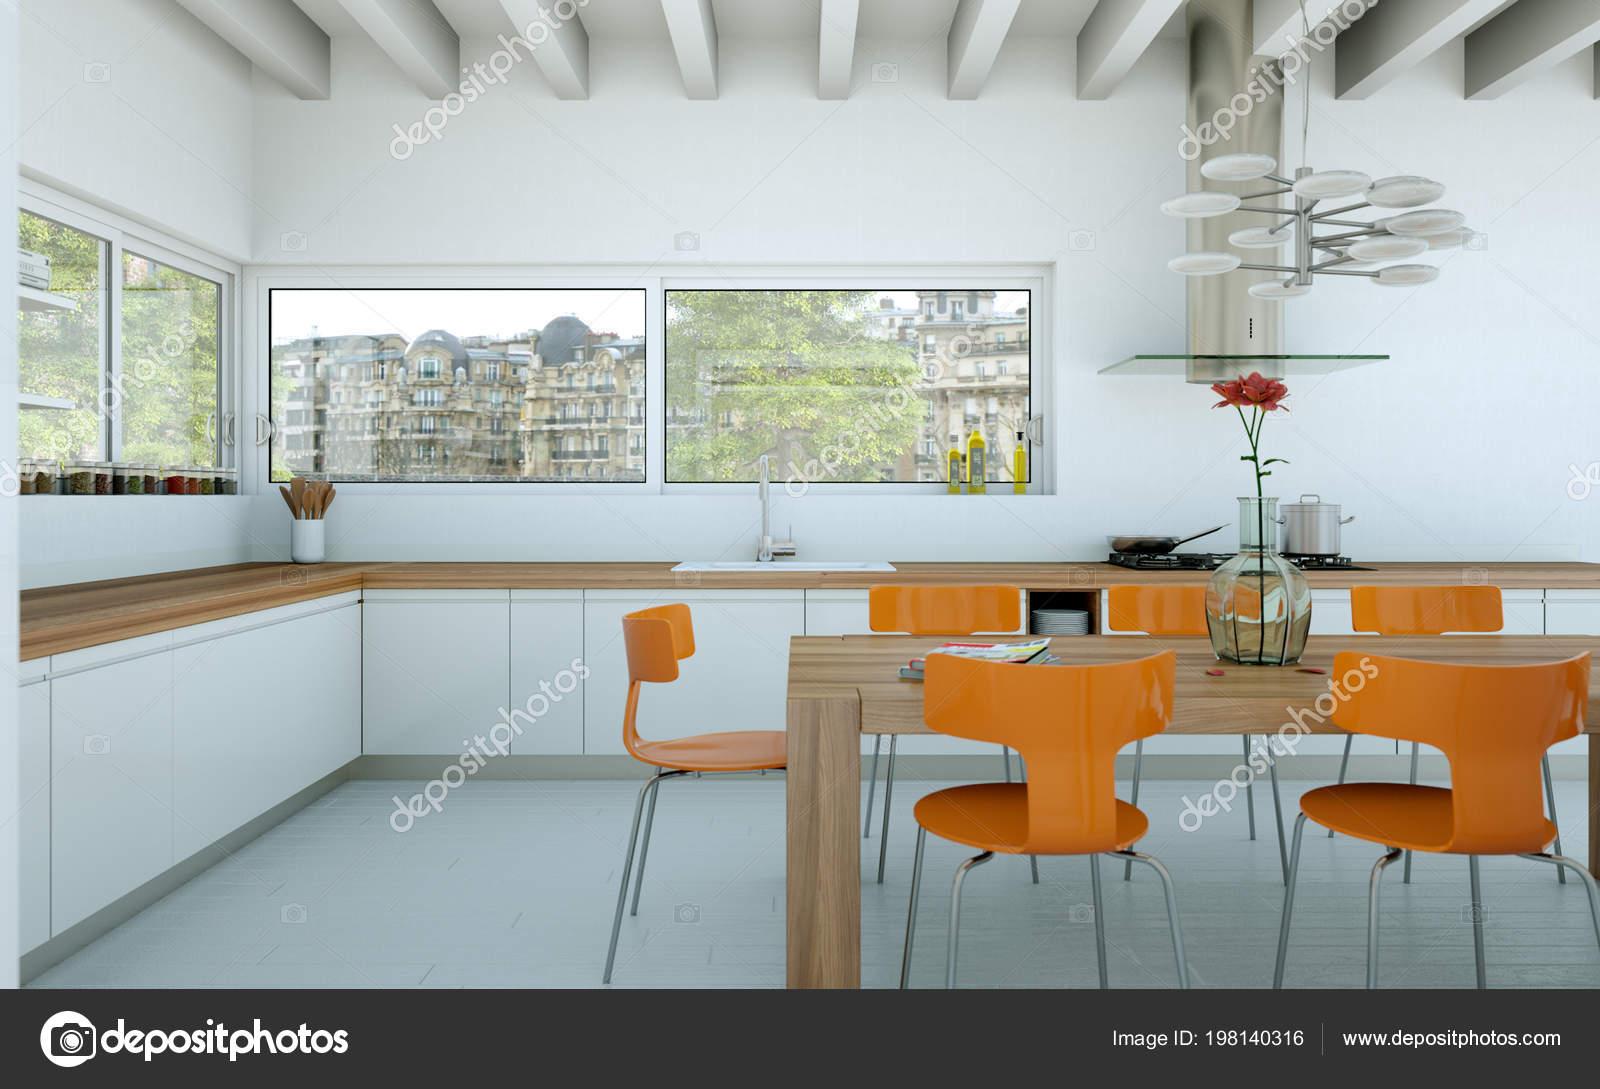 Cucina moderna bianca in una casa con tavolo in legno e sedie ...